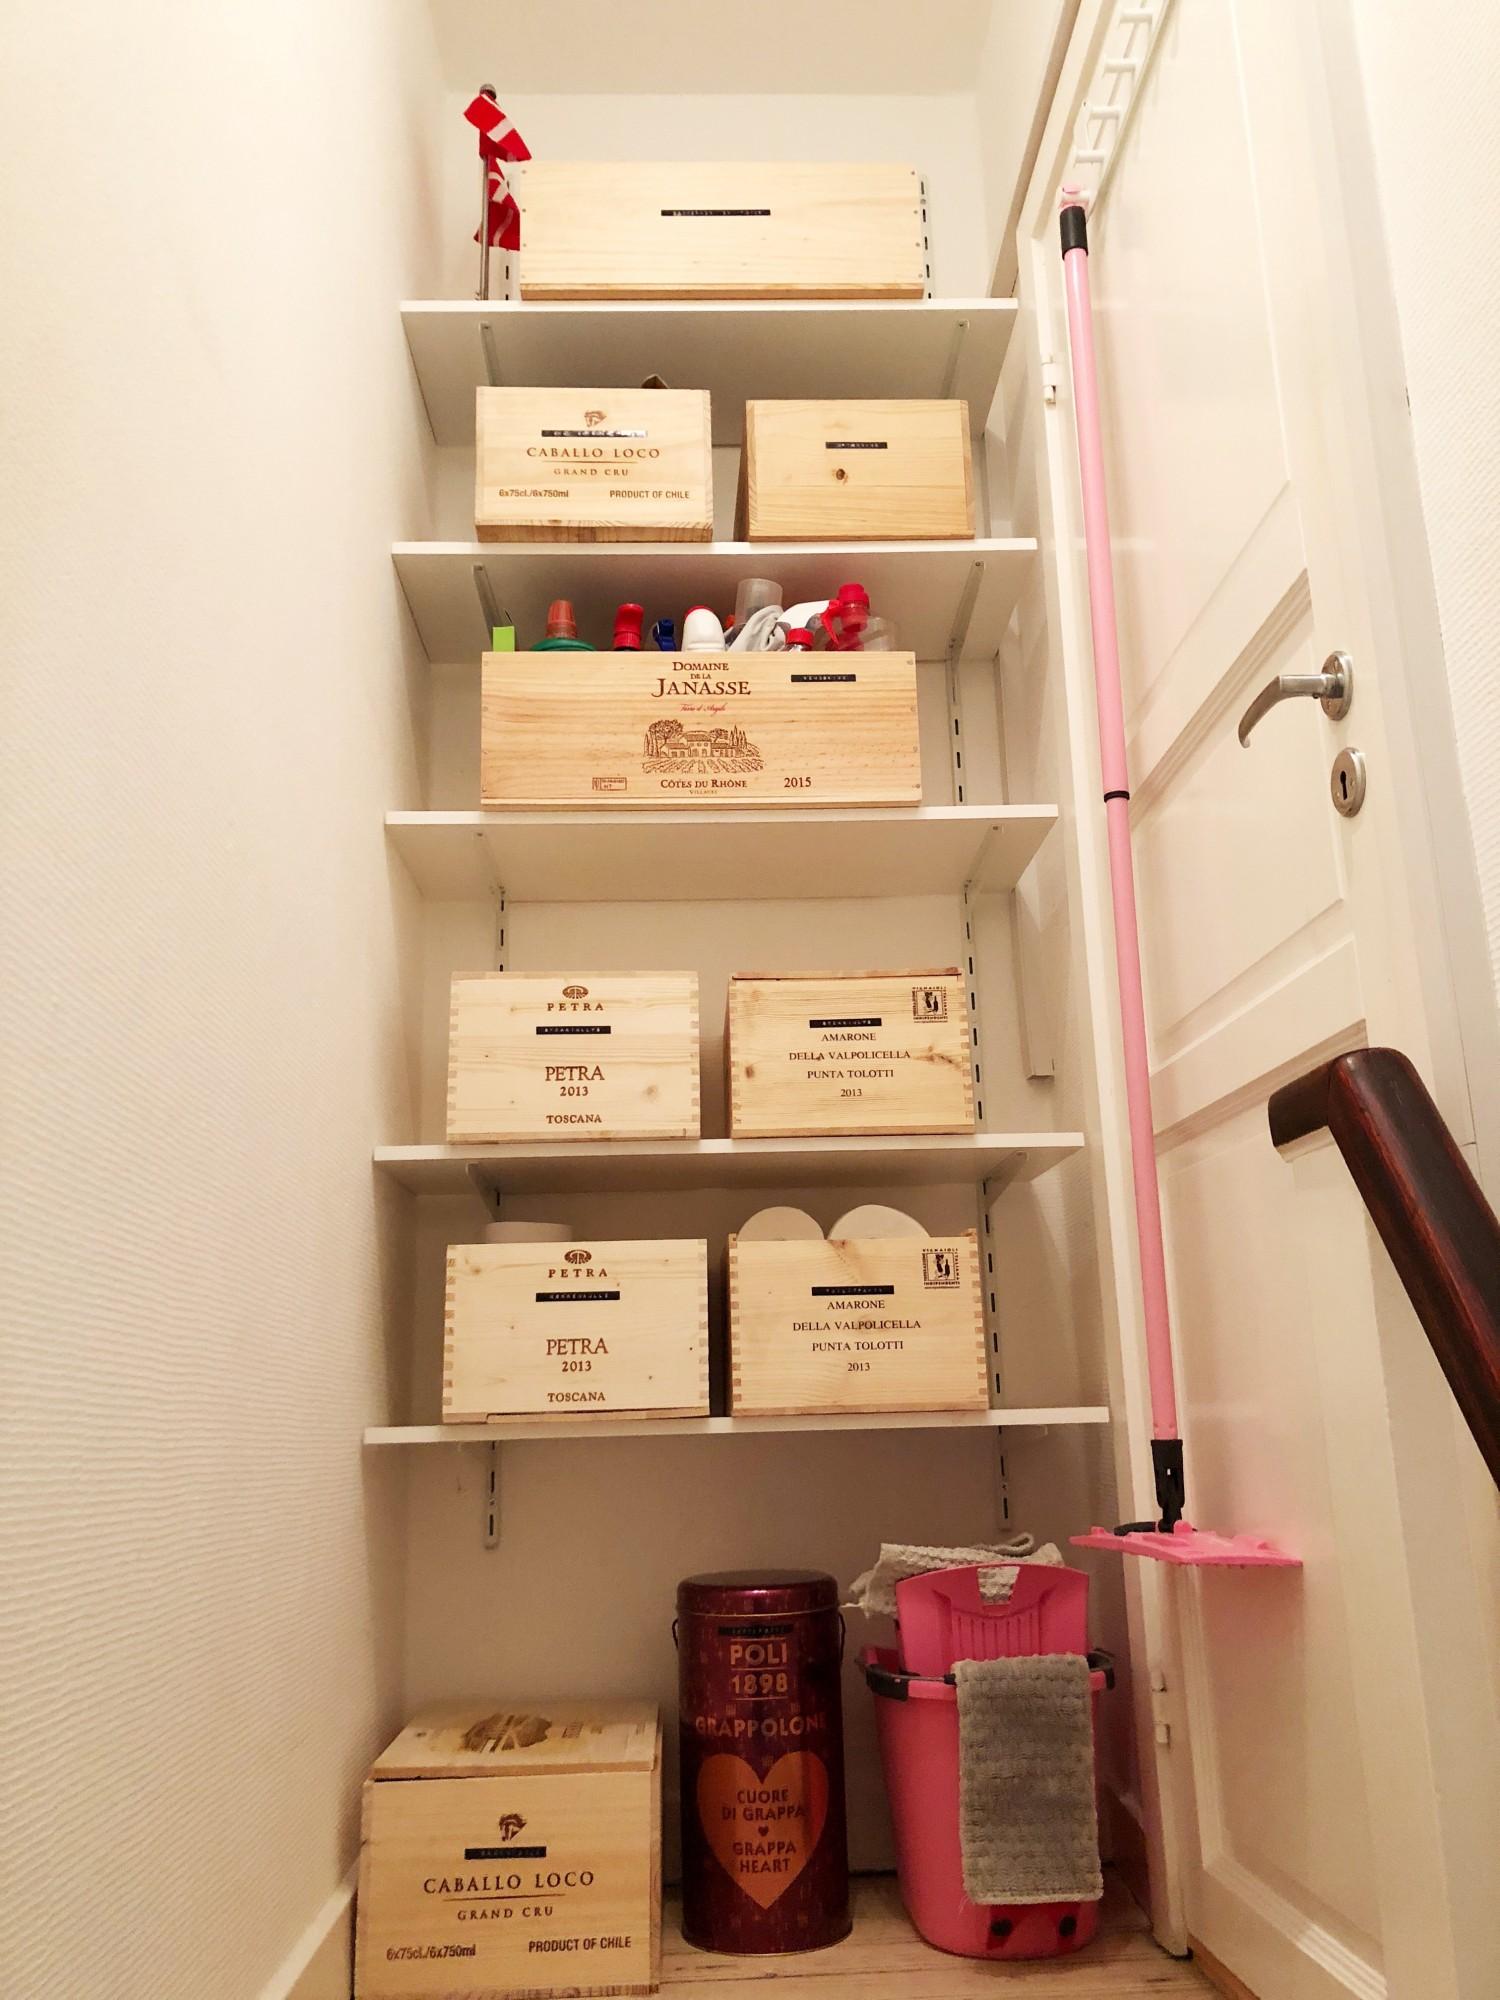 Organiser rod med vinkasser